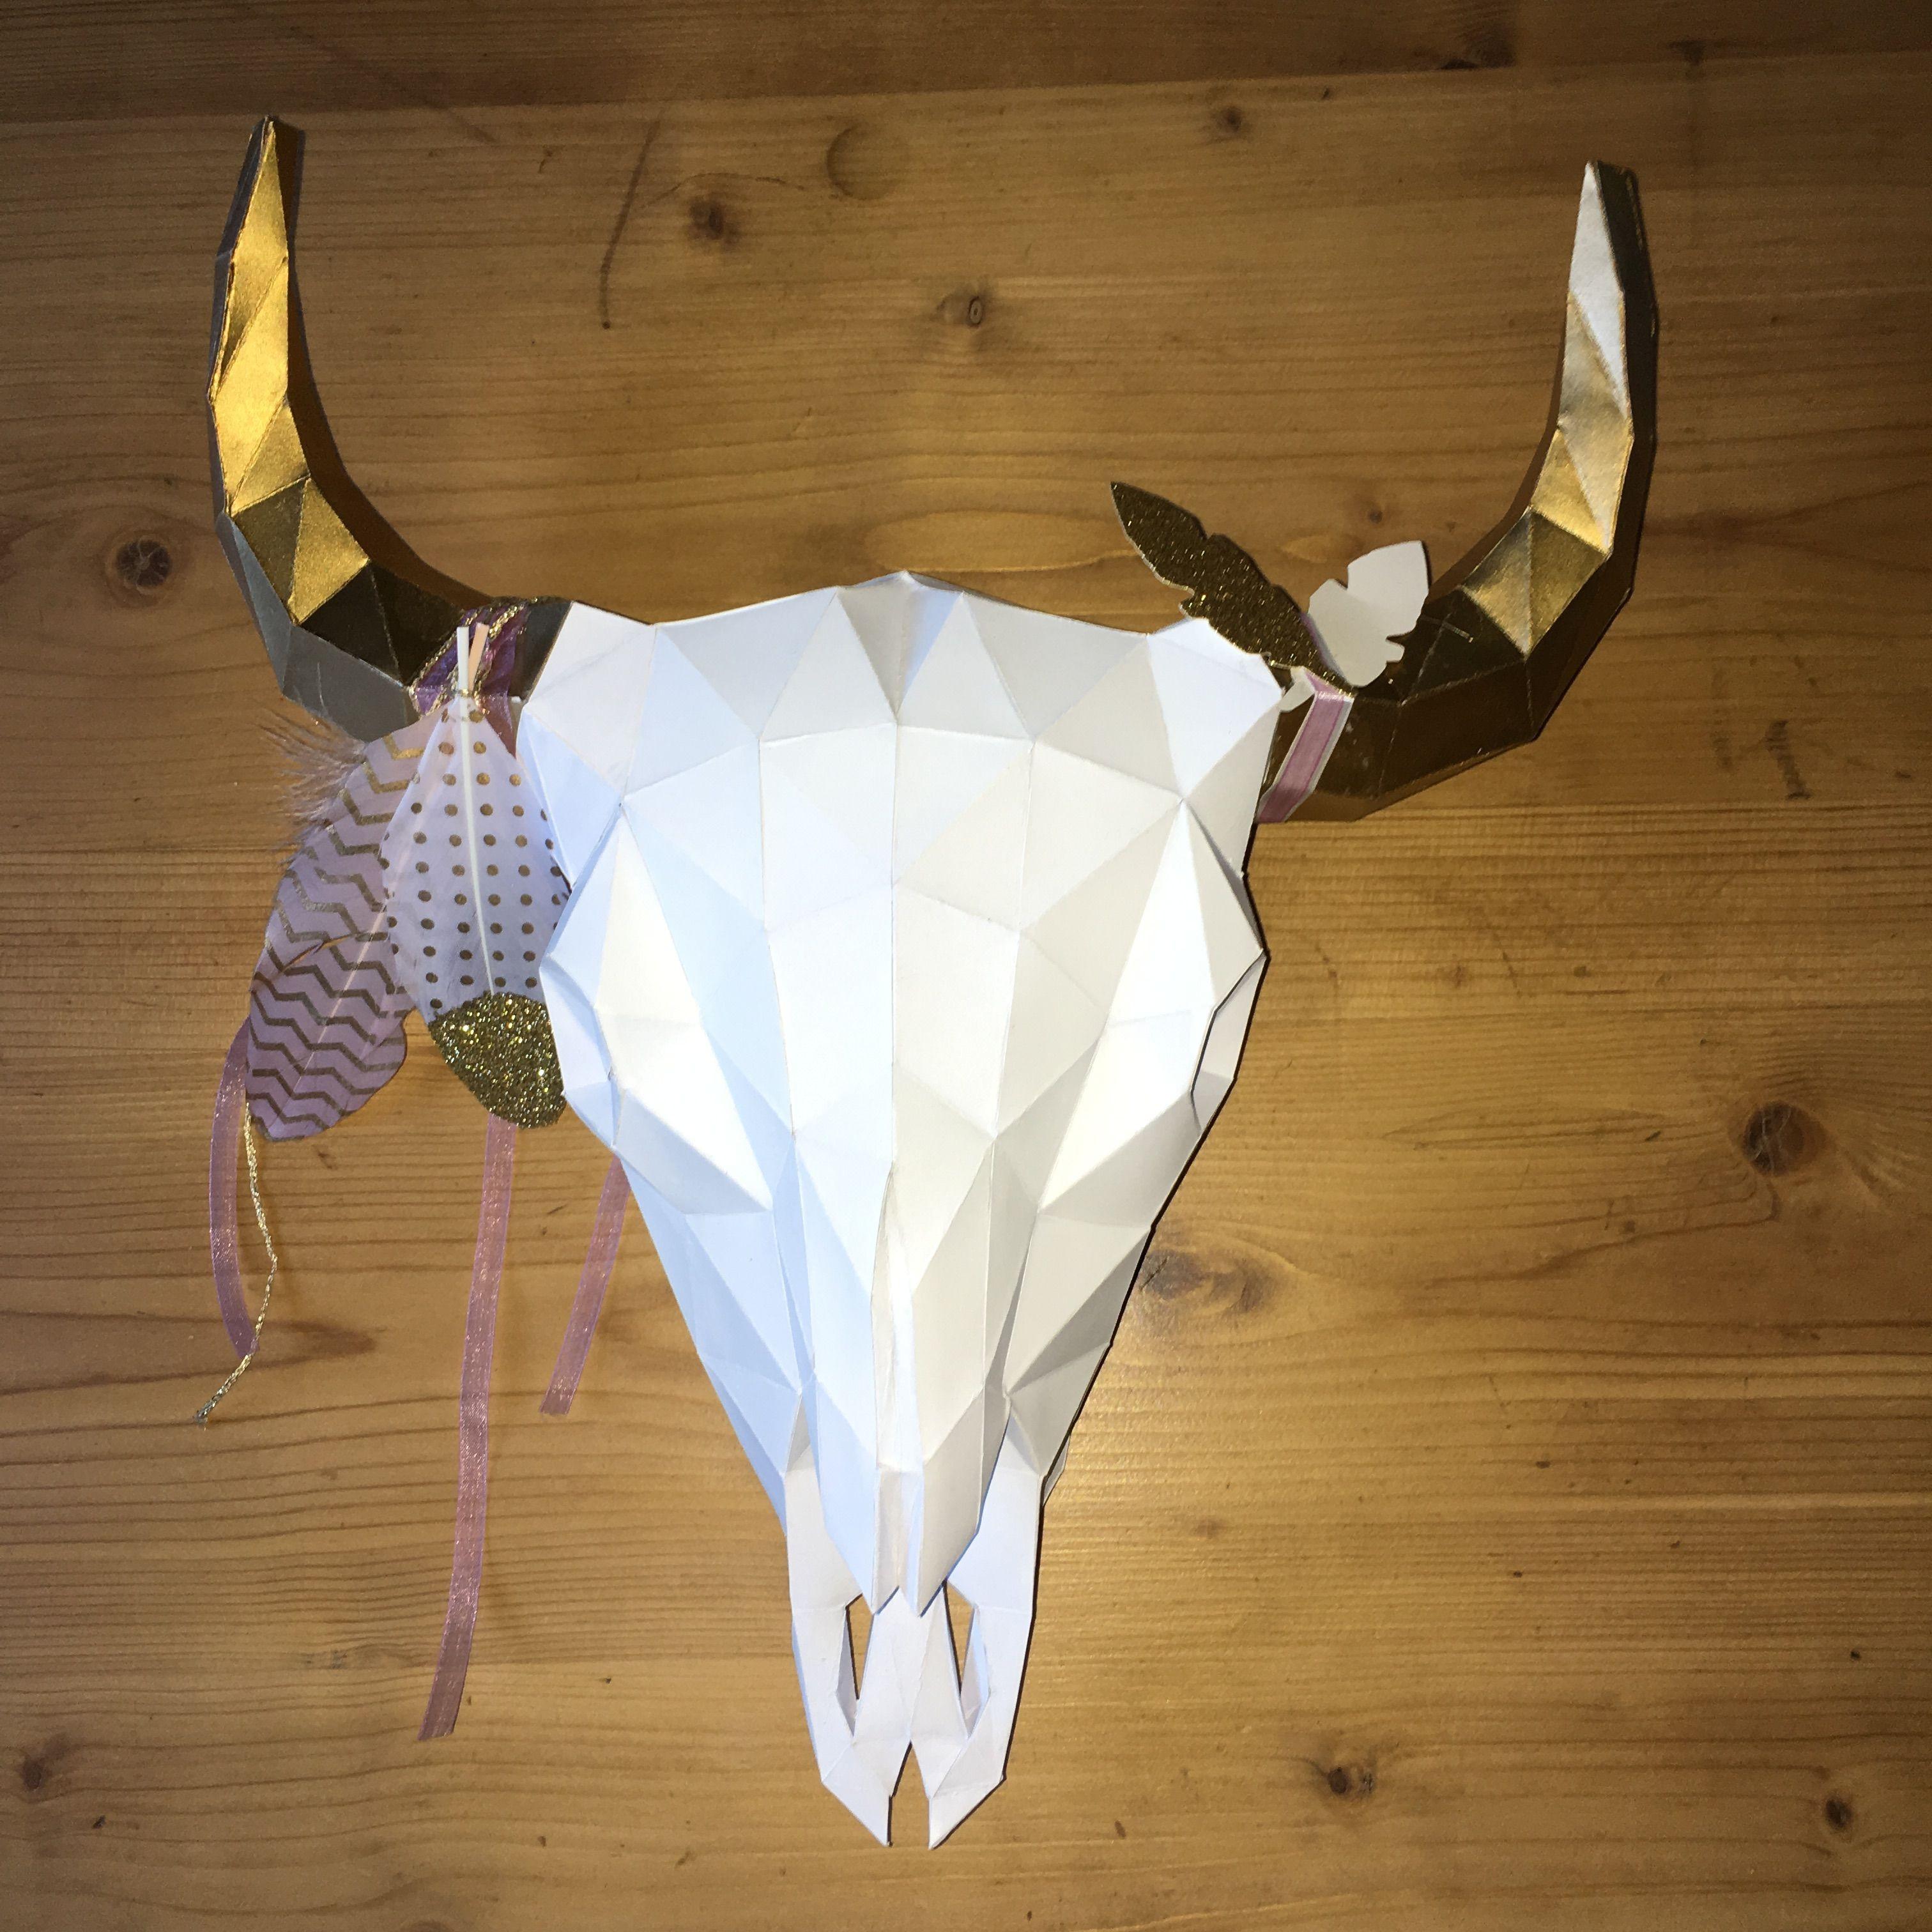 Papercraft Cow Buffalo Skull Papercraft Tªte De Bison Trophée Trophy